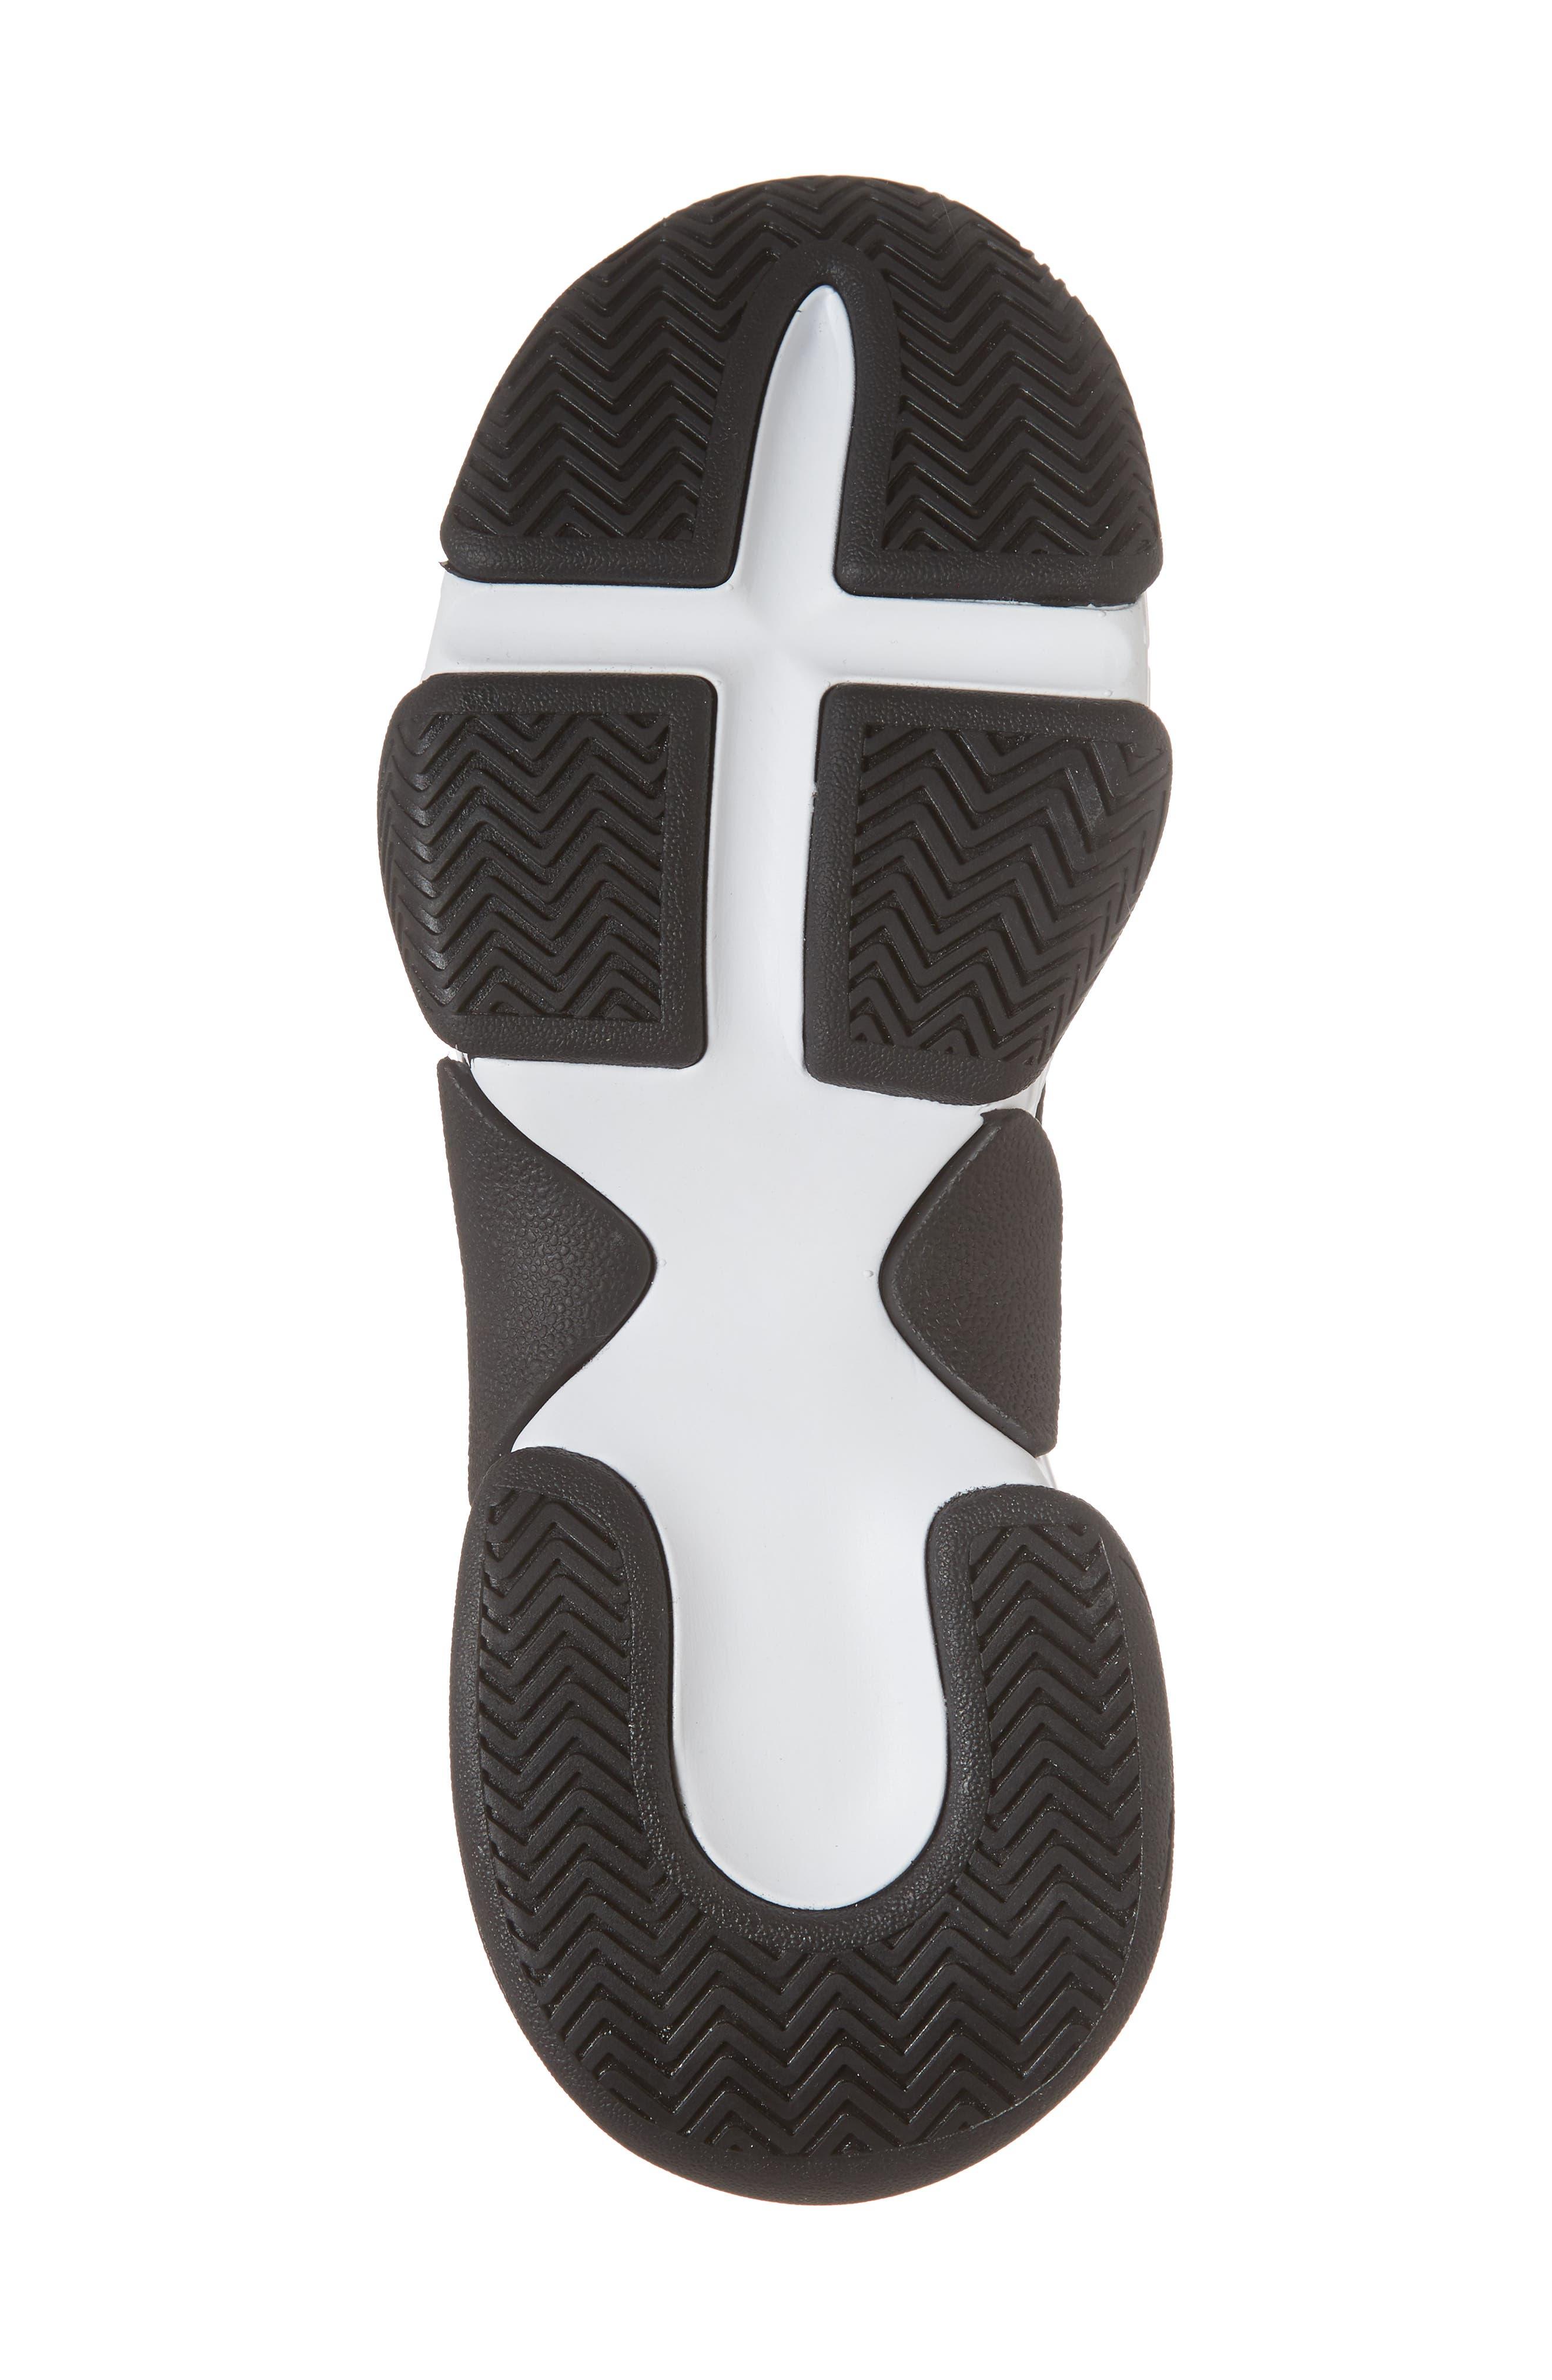 Tenko Ankle High Top Sock Sneaker,                             Alternate thumbnail 6, color,                             Black/ White Stripe Fabric